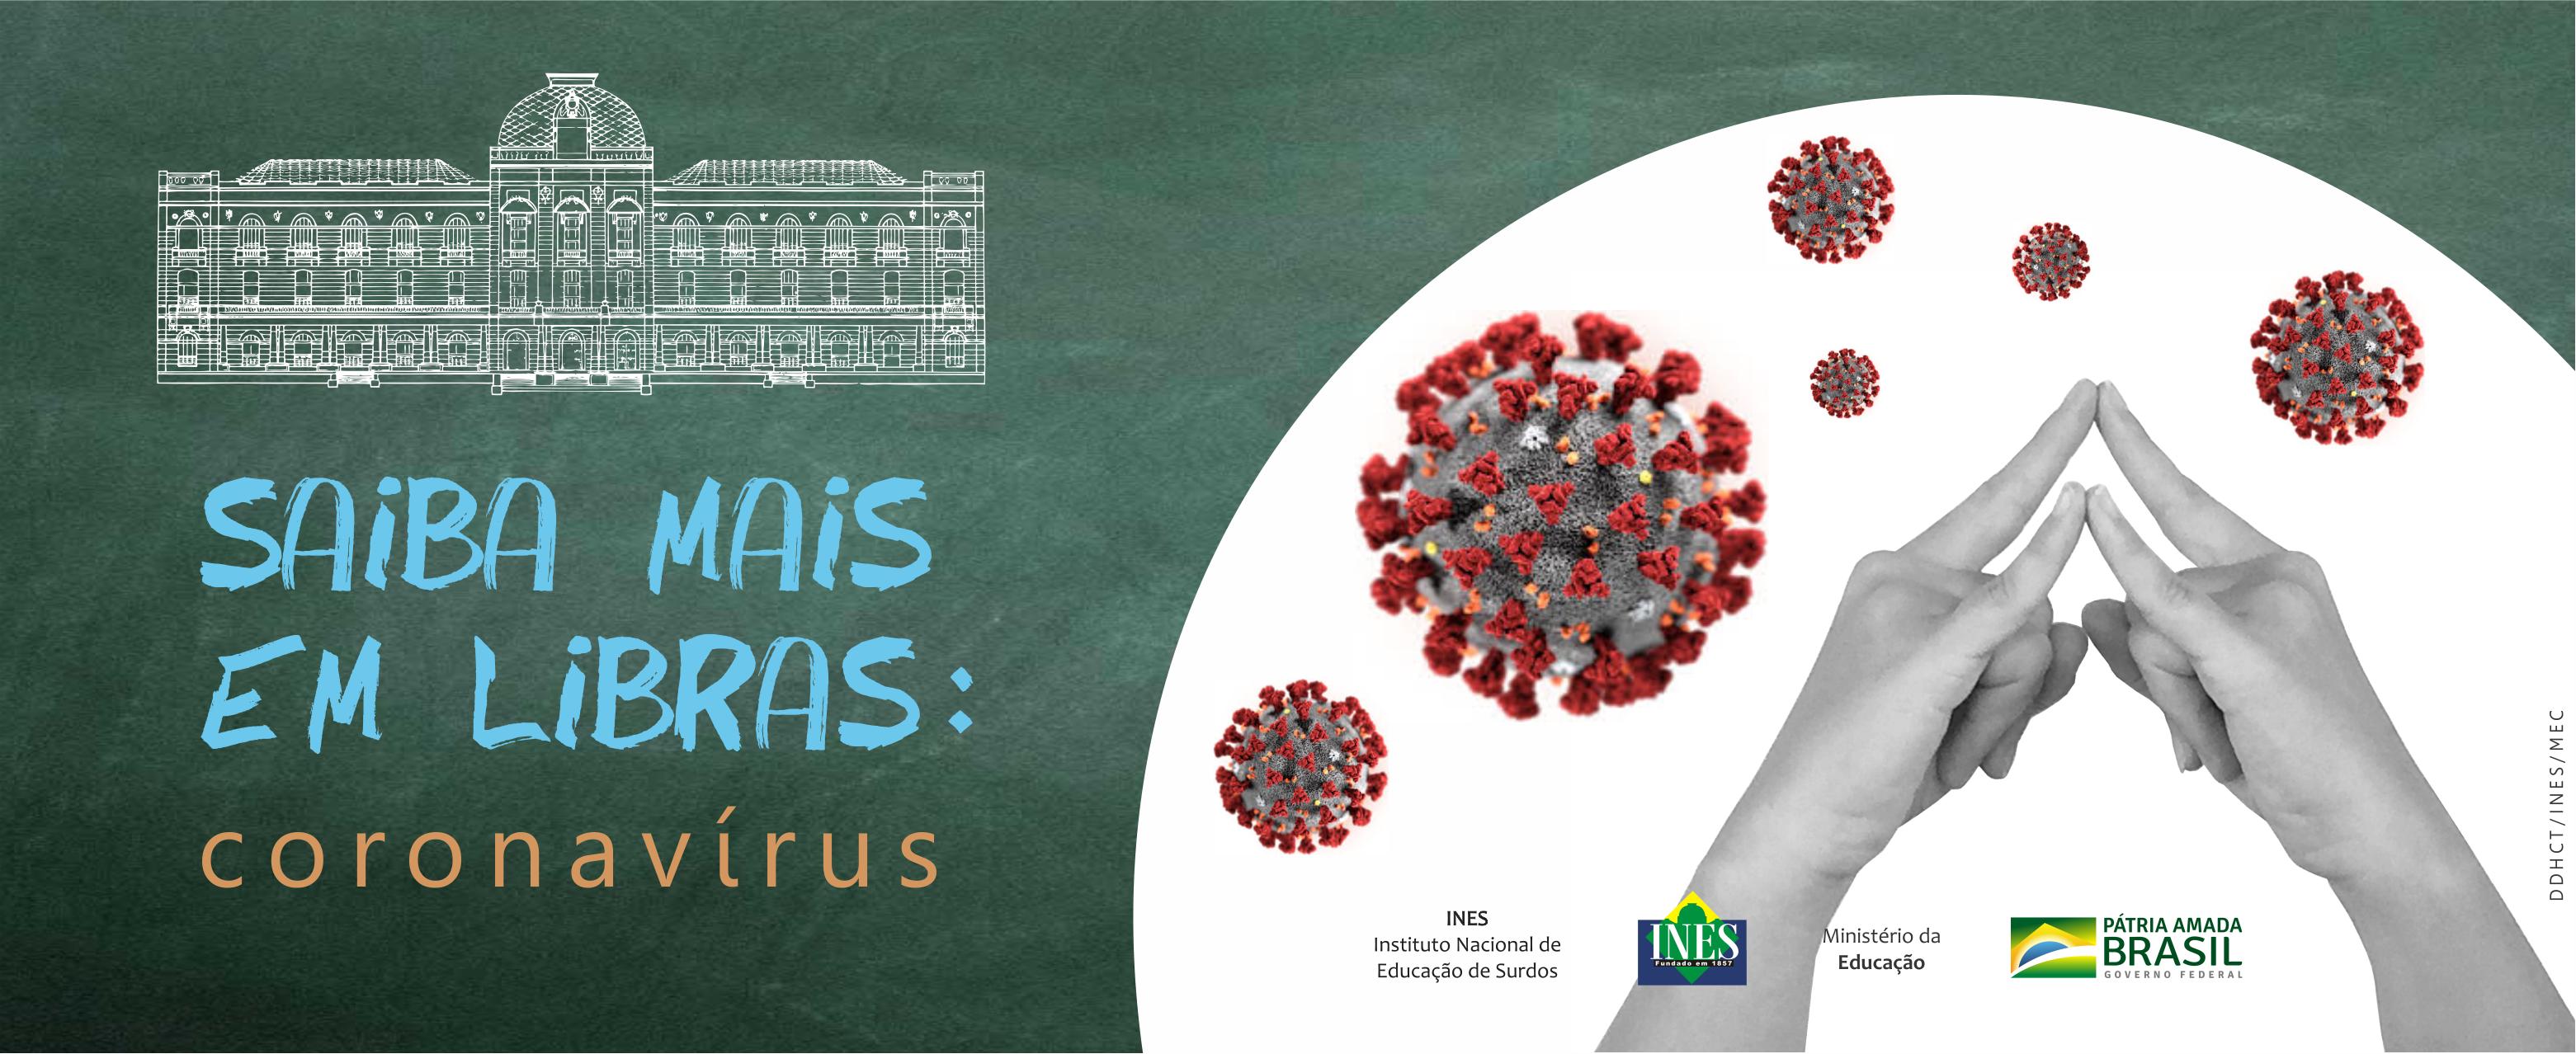 Saiba mais em Libras: Coronavírus